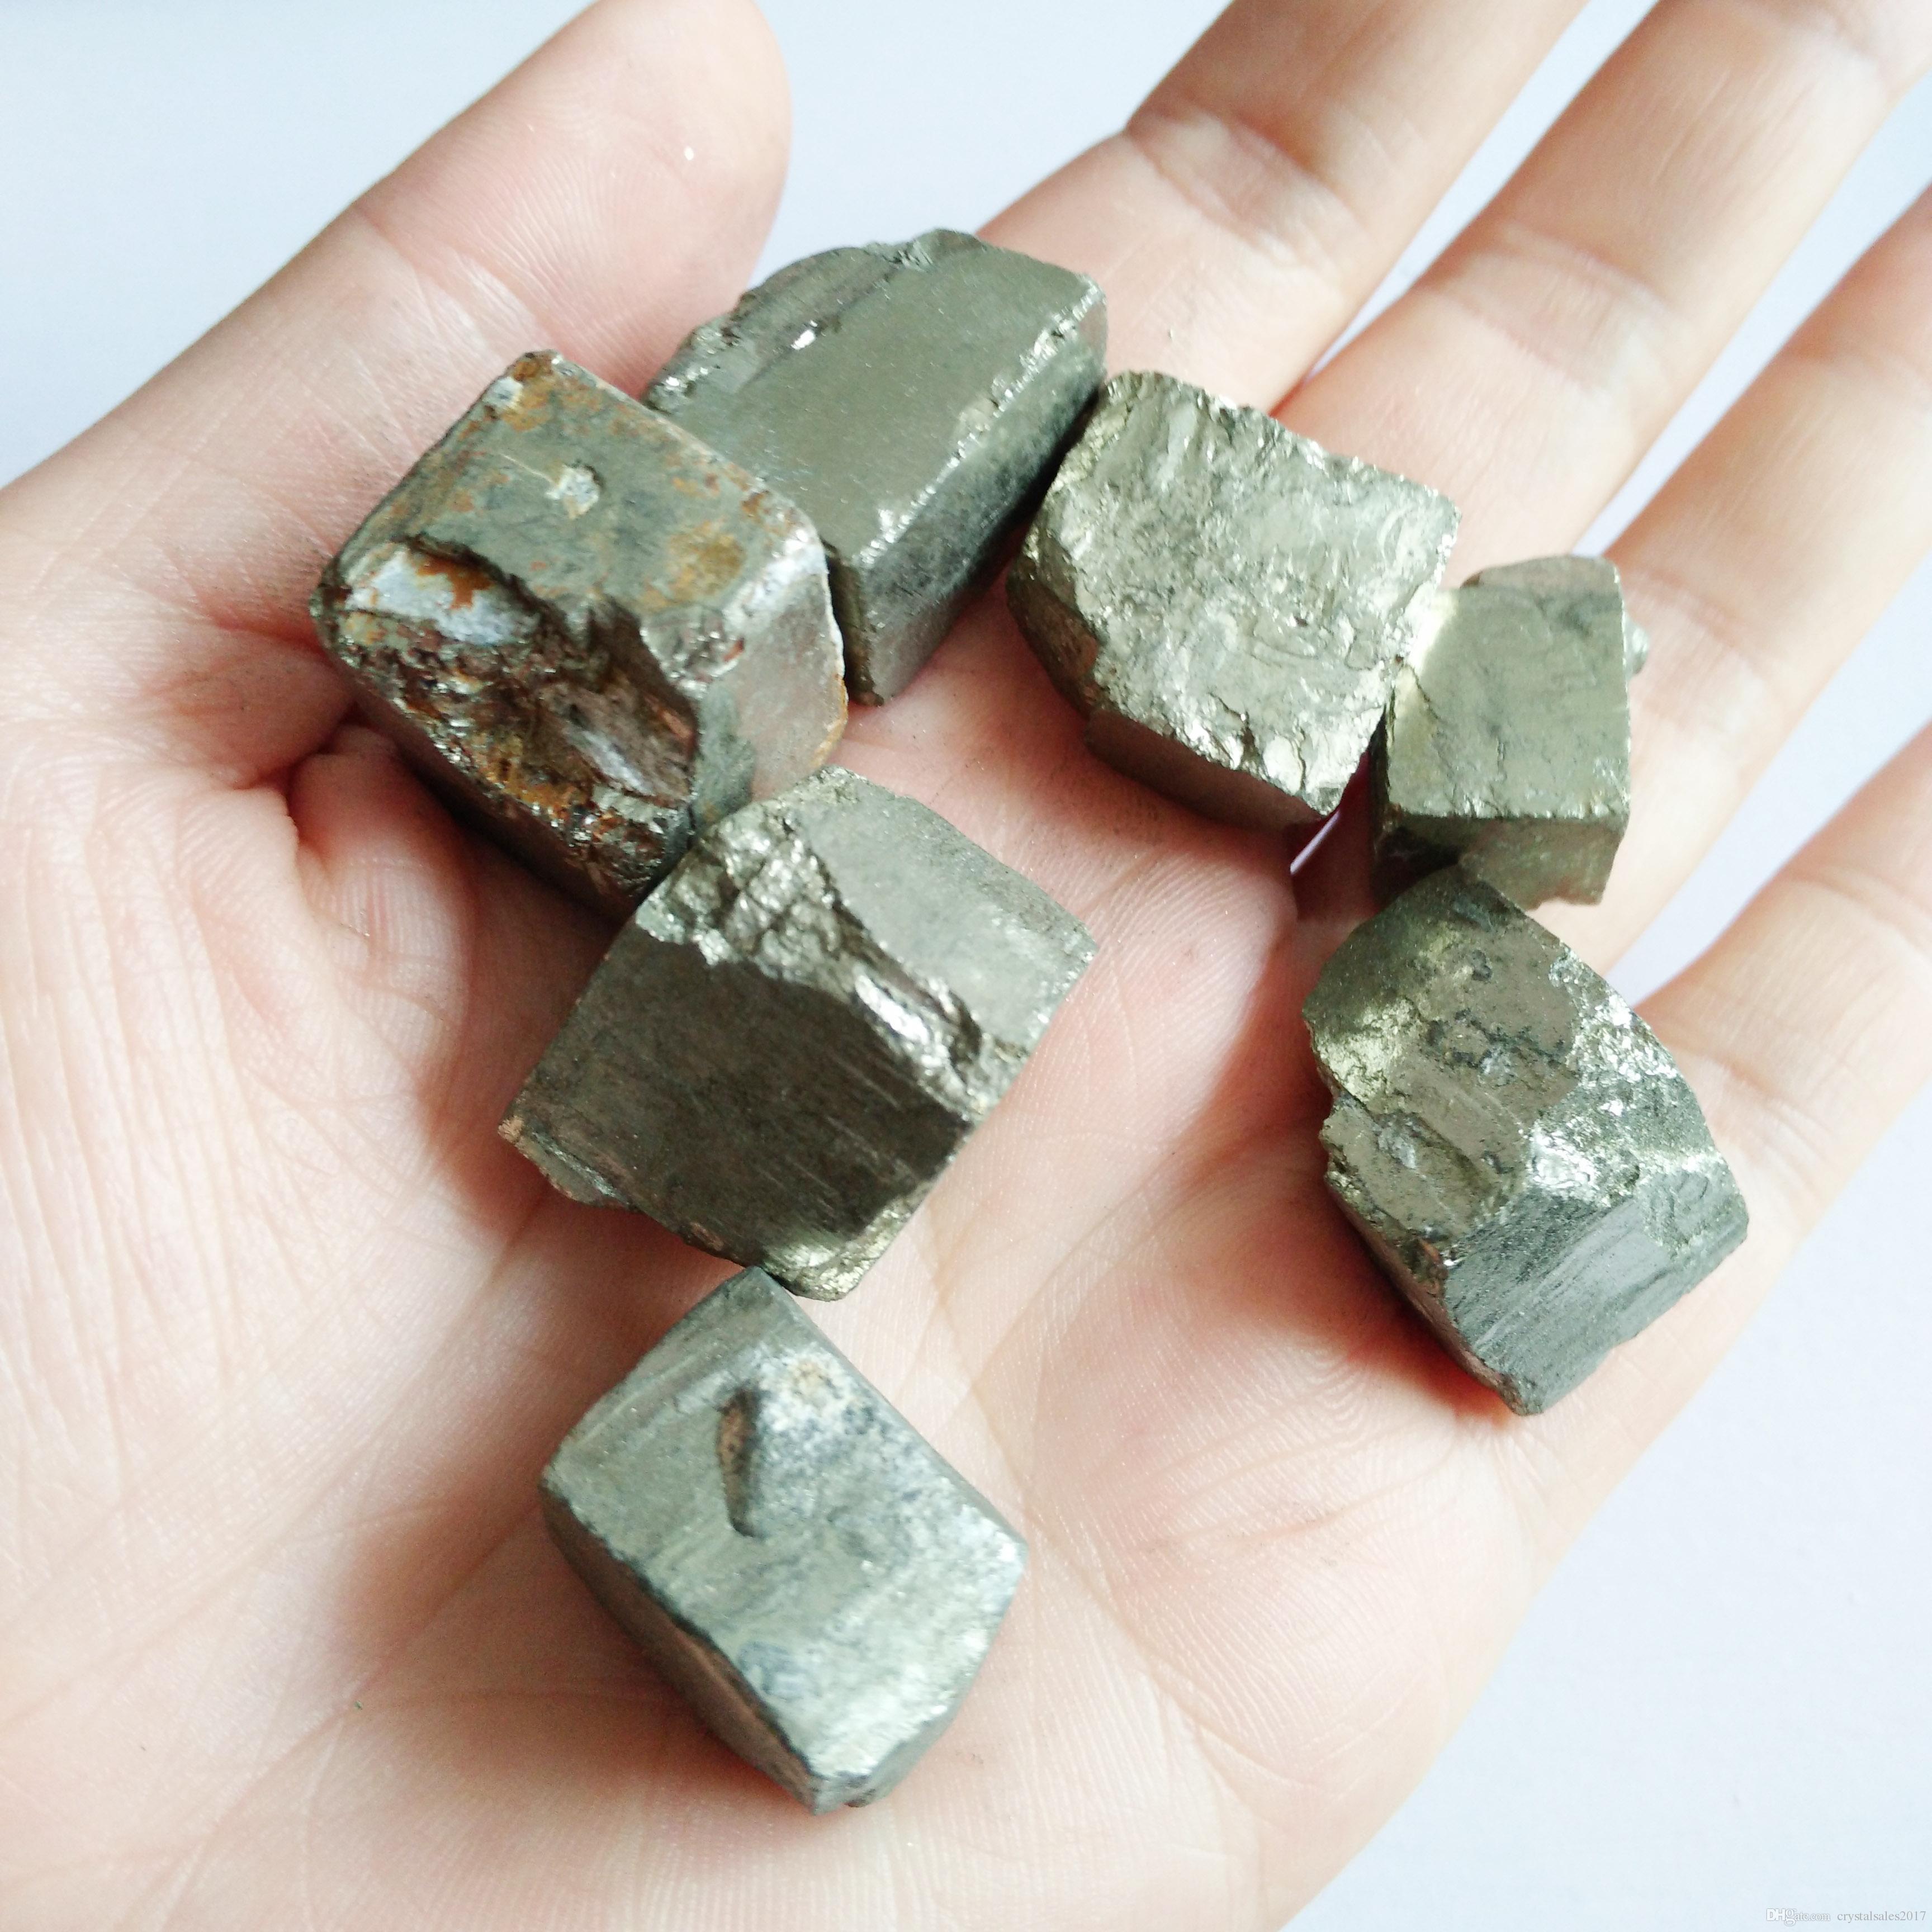 자연 사랑스러운 멋진 chalcopyrite 큐브 크리스탈 치유 크리스탈 미네랄 돌 판매 돌 조각 s 큐브 견본